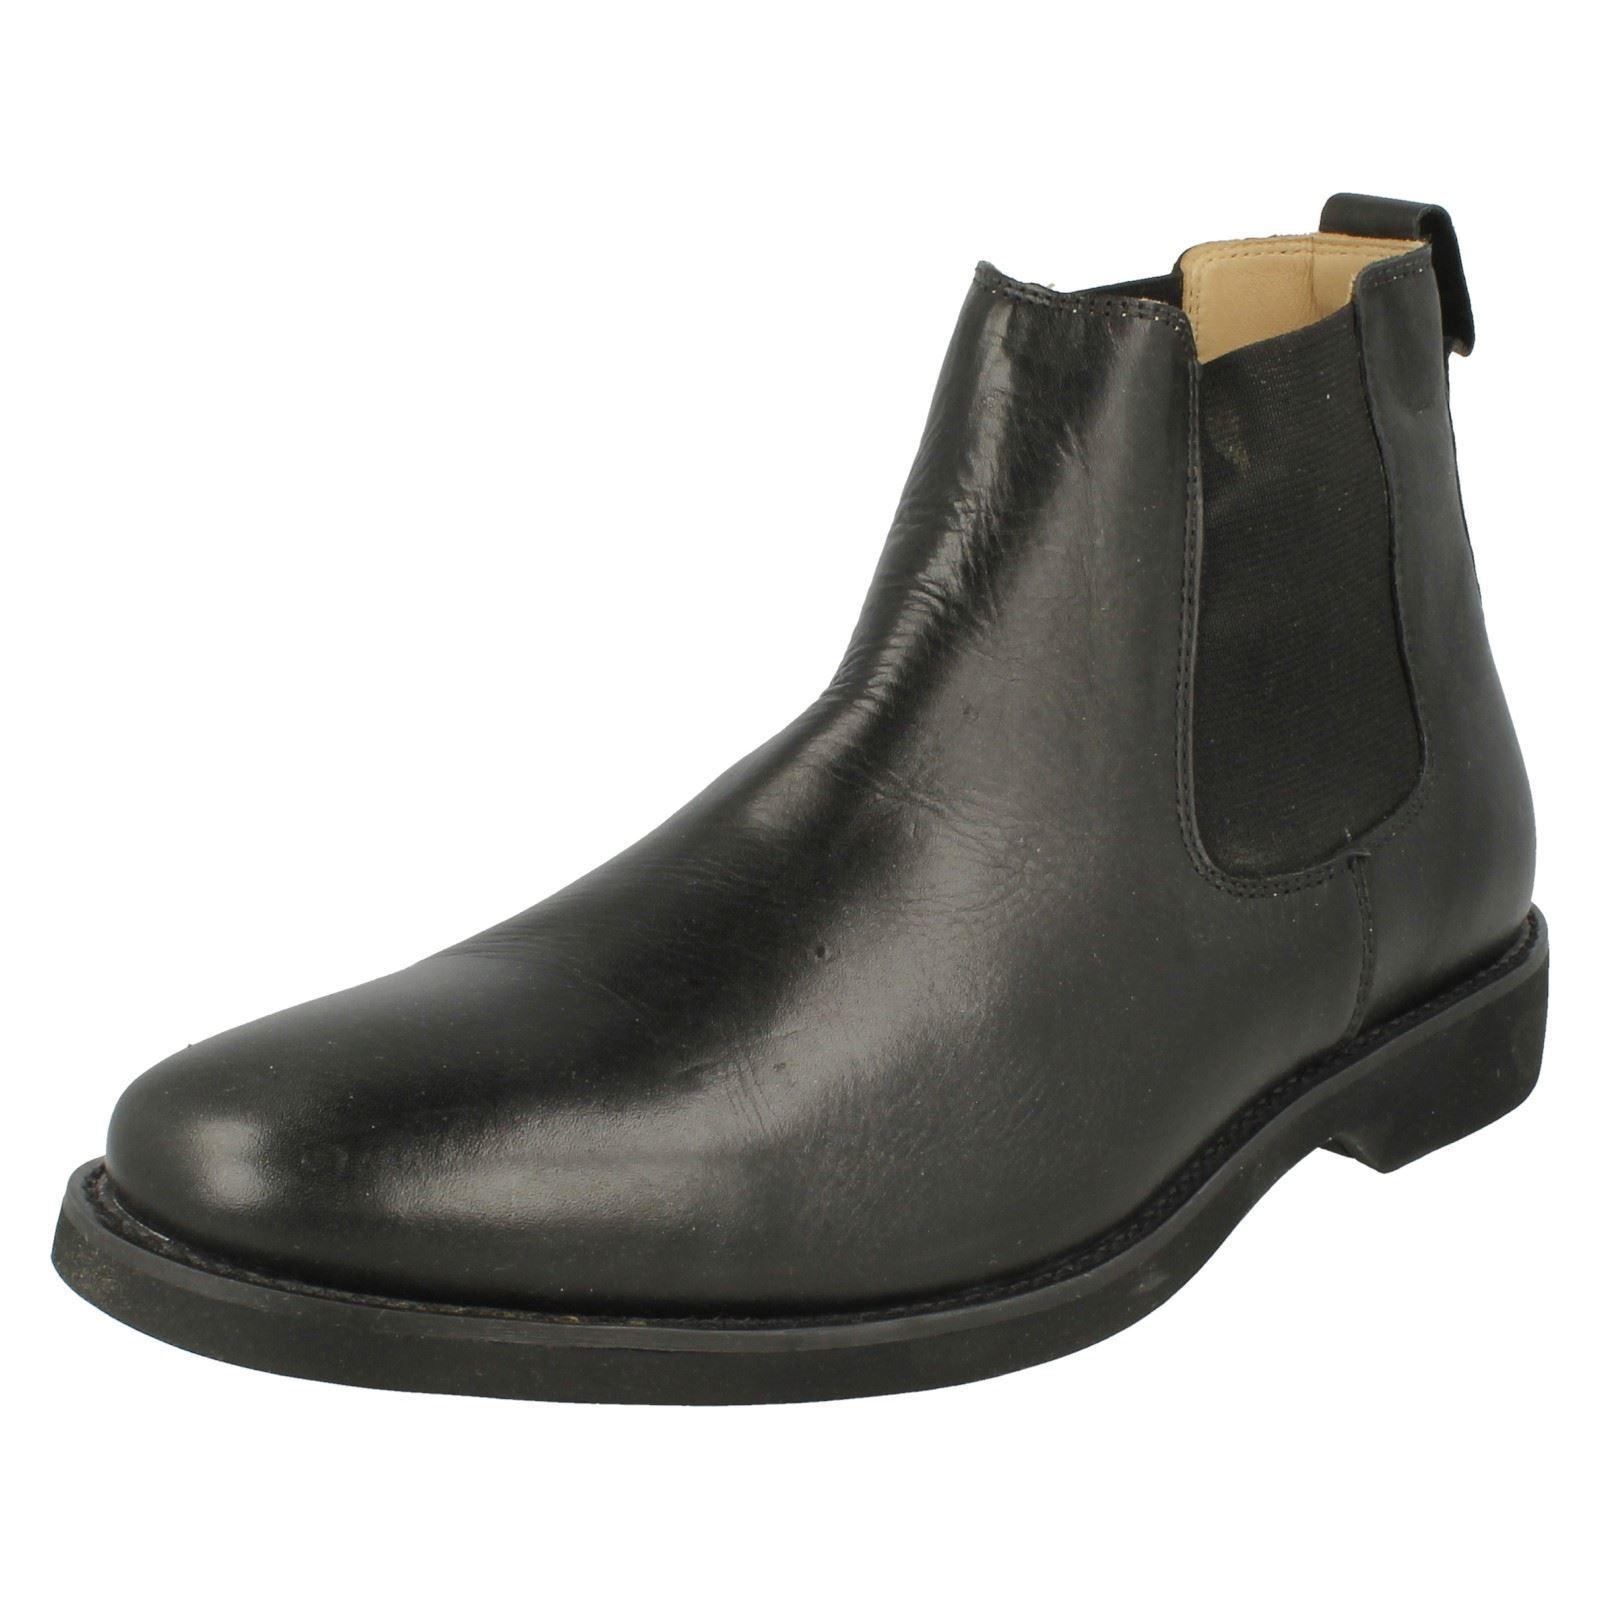 Grandes descuentos nuevos zapatos MOCASSINO DR MARTENS FRANGIA BORDEAUX